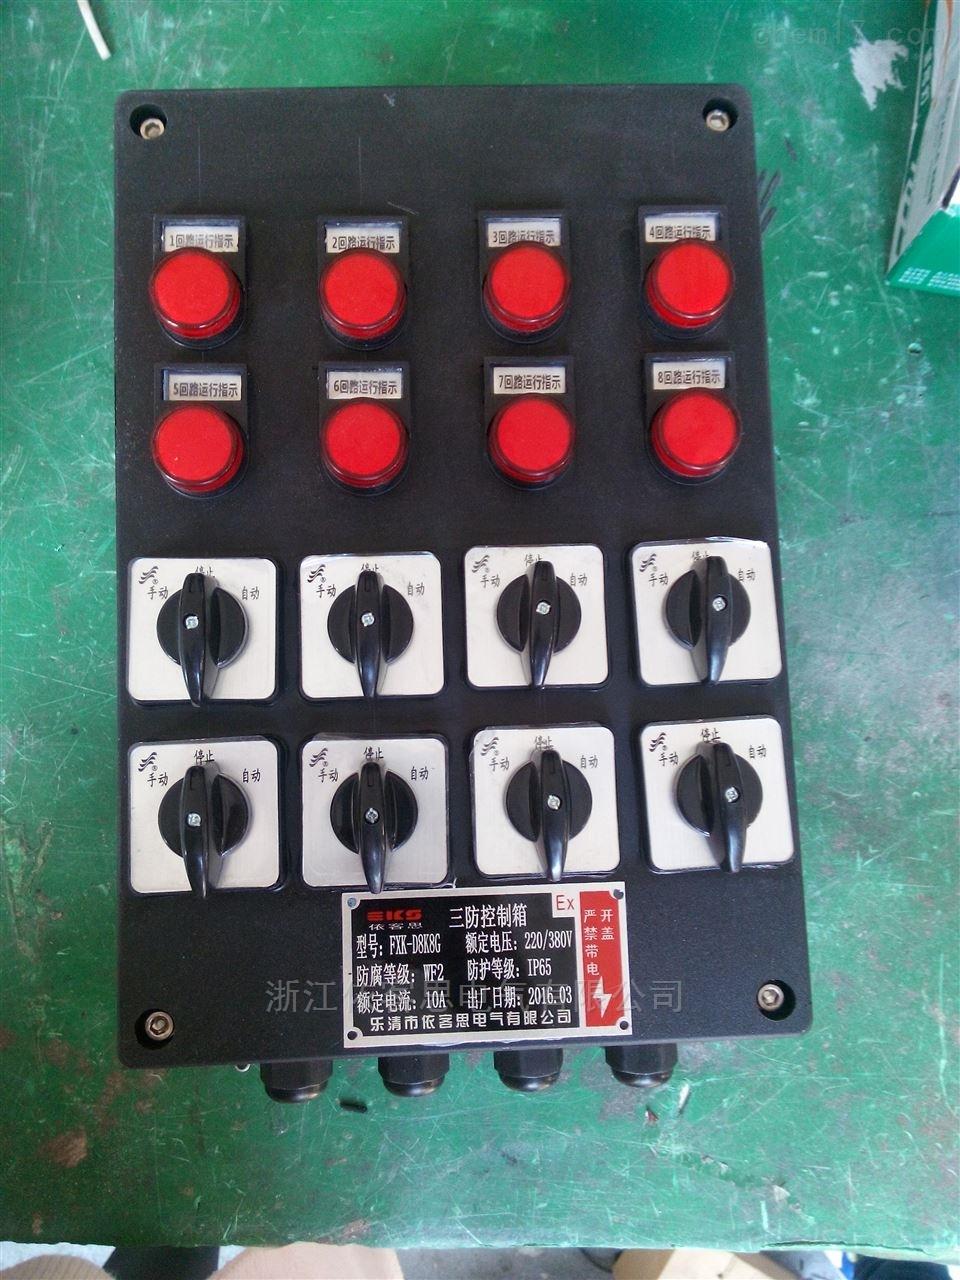 新品上市 M0240全塑三防主令控制器M0240/1 M0240/2 M0240/3 M0240/5